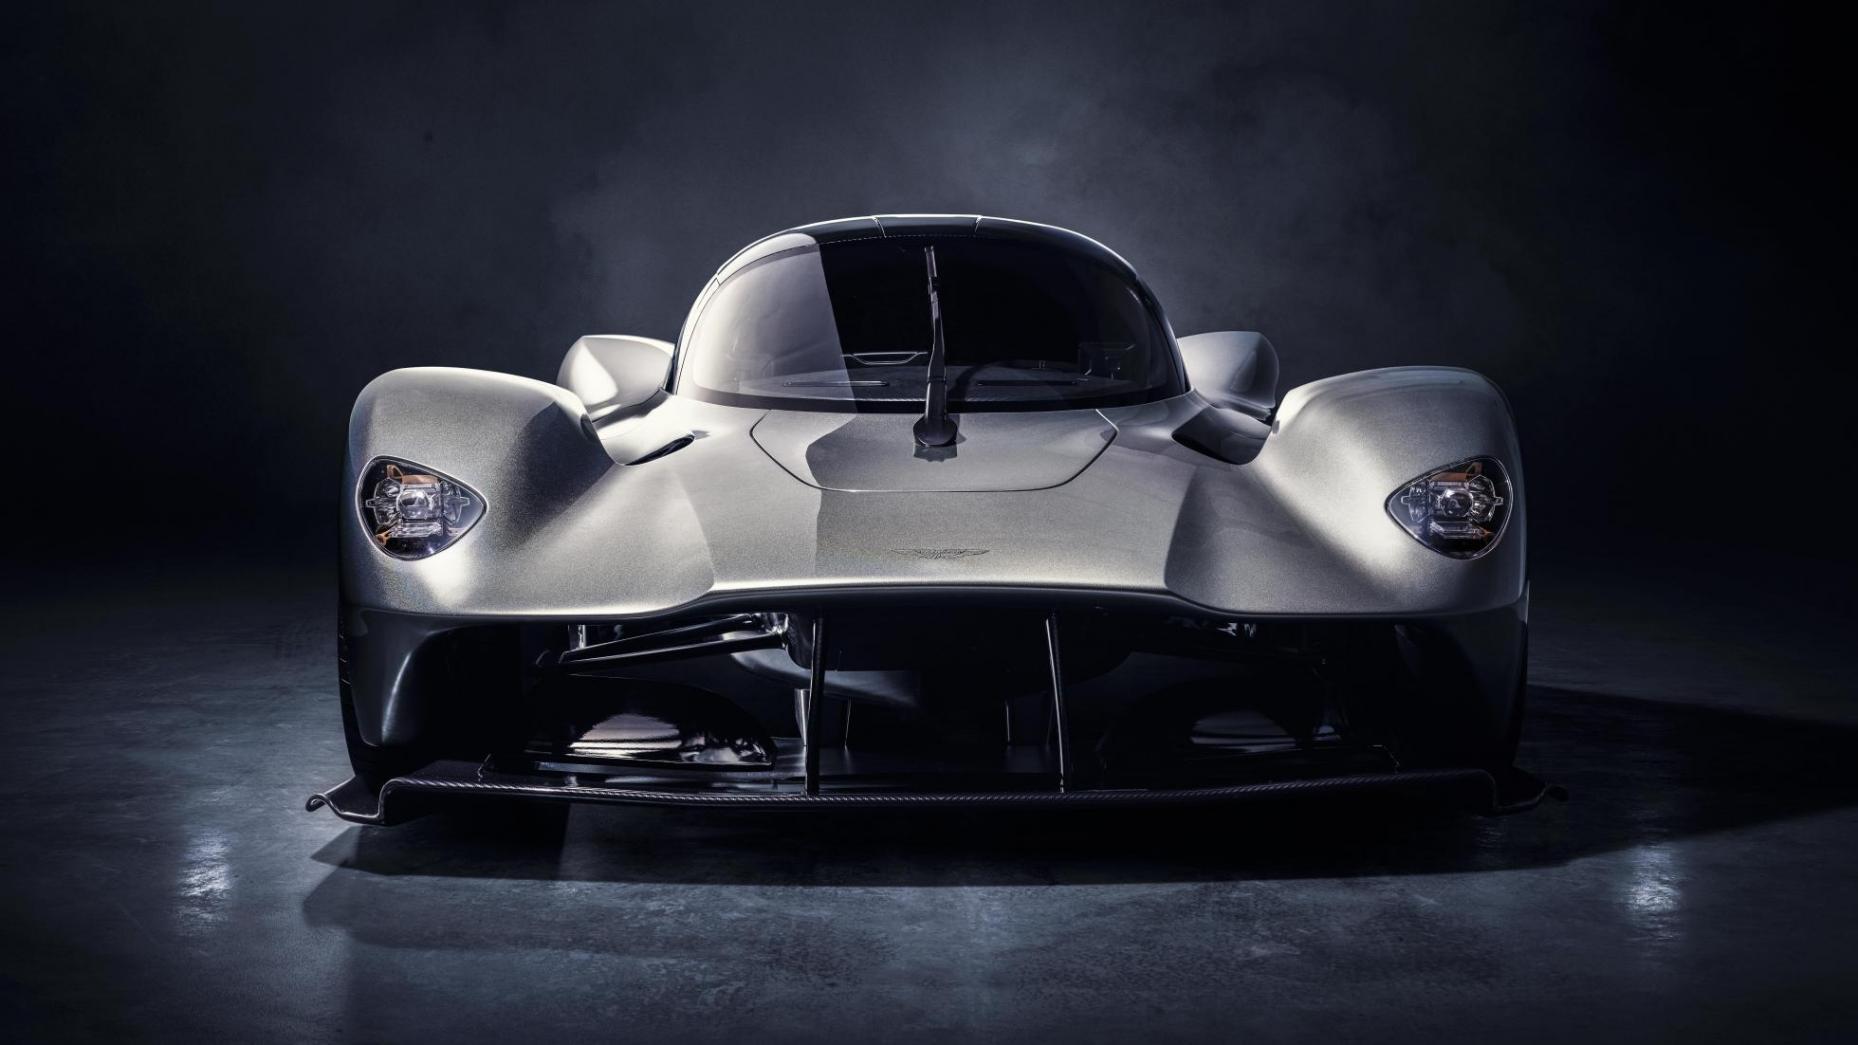 معرفی 10 خودروی الکتریکی هیجان انگیز دنیا در سال 2018 +عکس